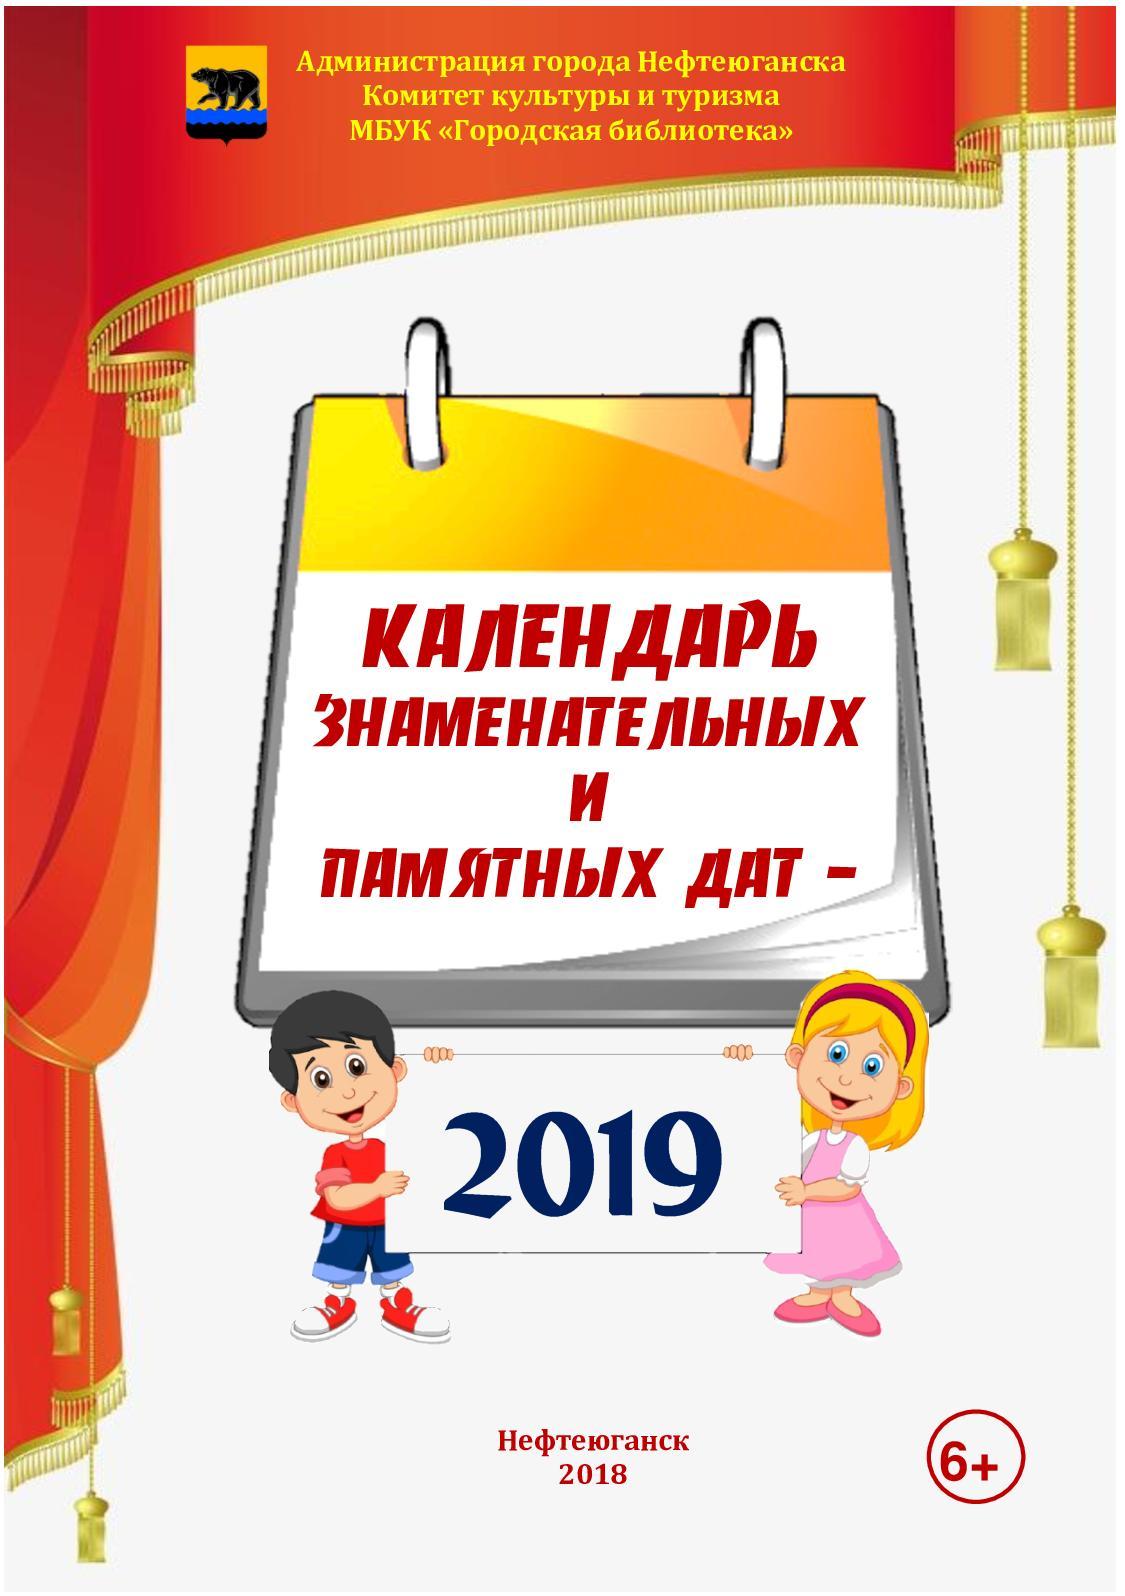 Смотреть Календарь знаменательных дат на 2019 год для библиотекарей видео